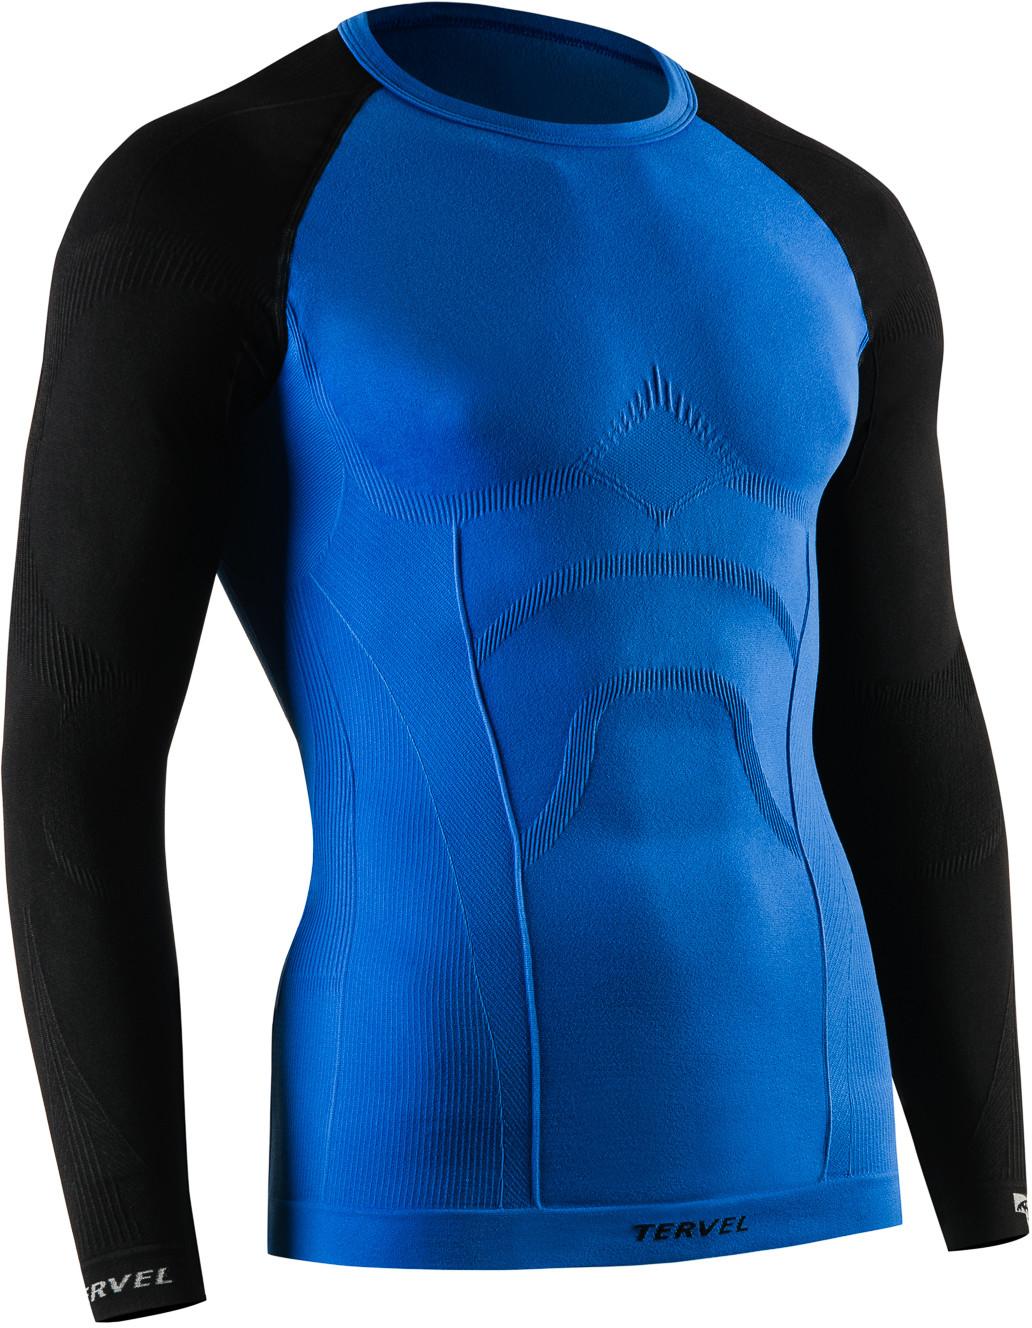 TERVEL COMFORTLINE 1002 męska koszulka termoaktywna długi rękaw kolor Niebieski-czarny